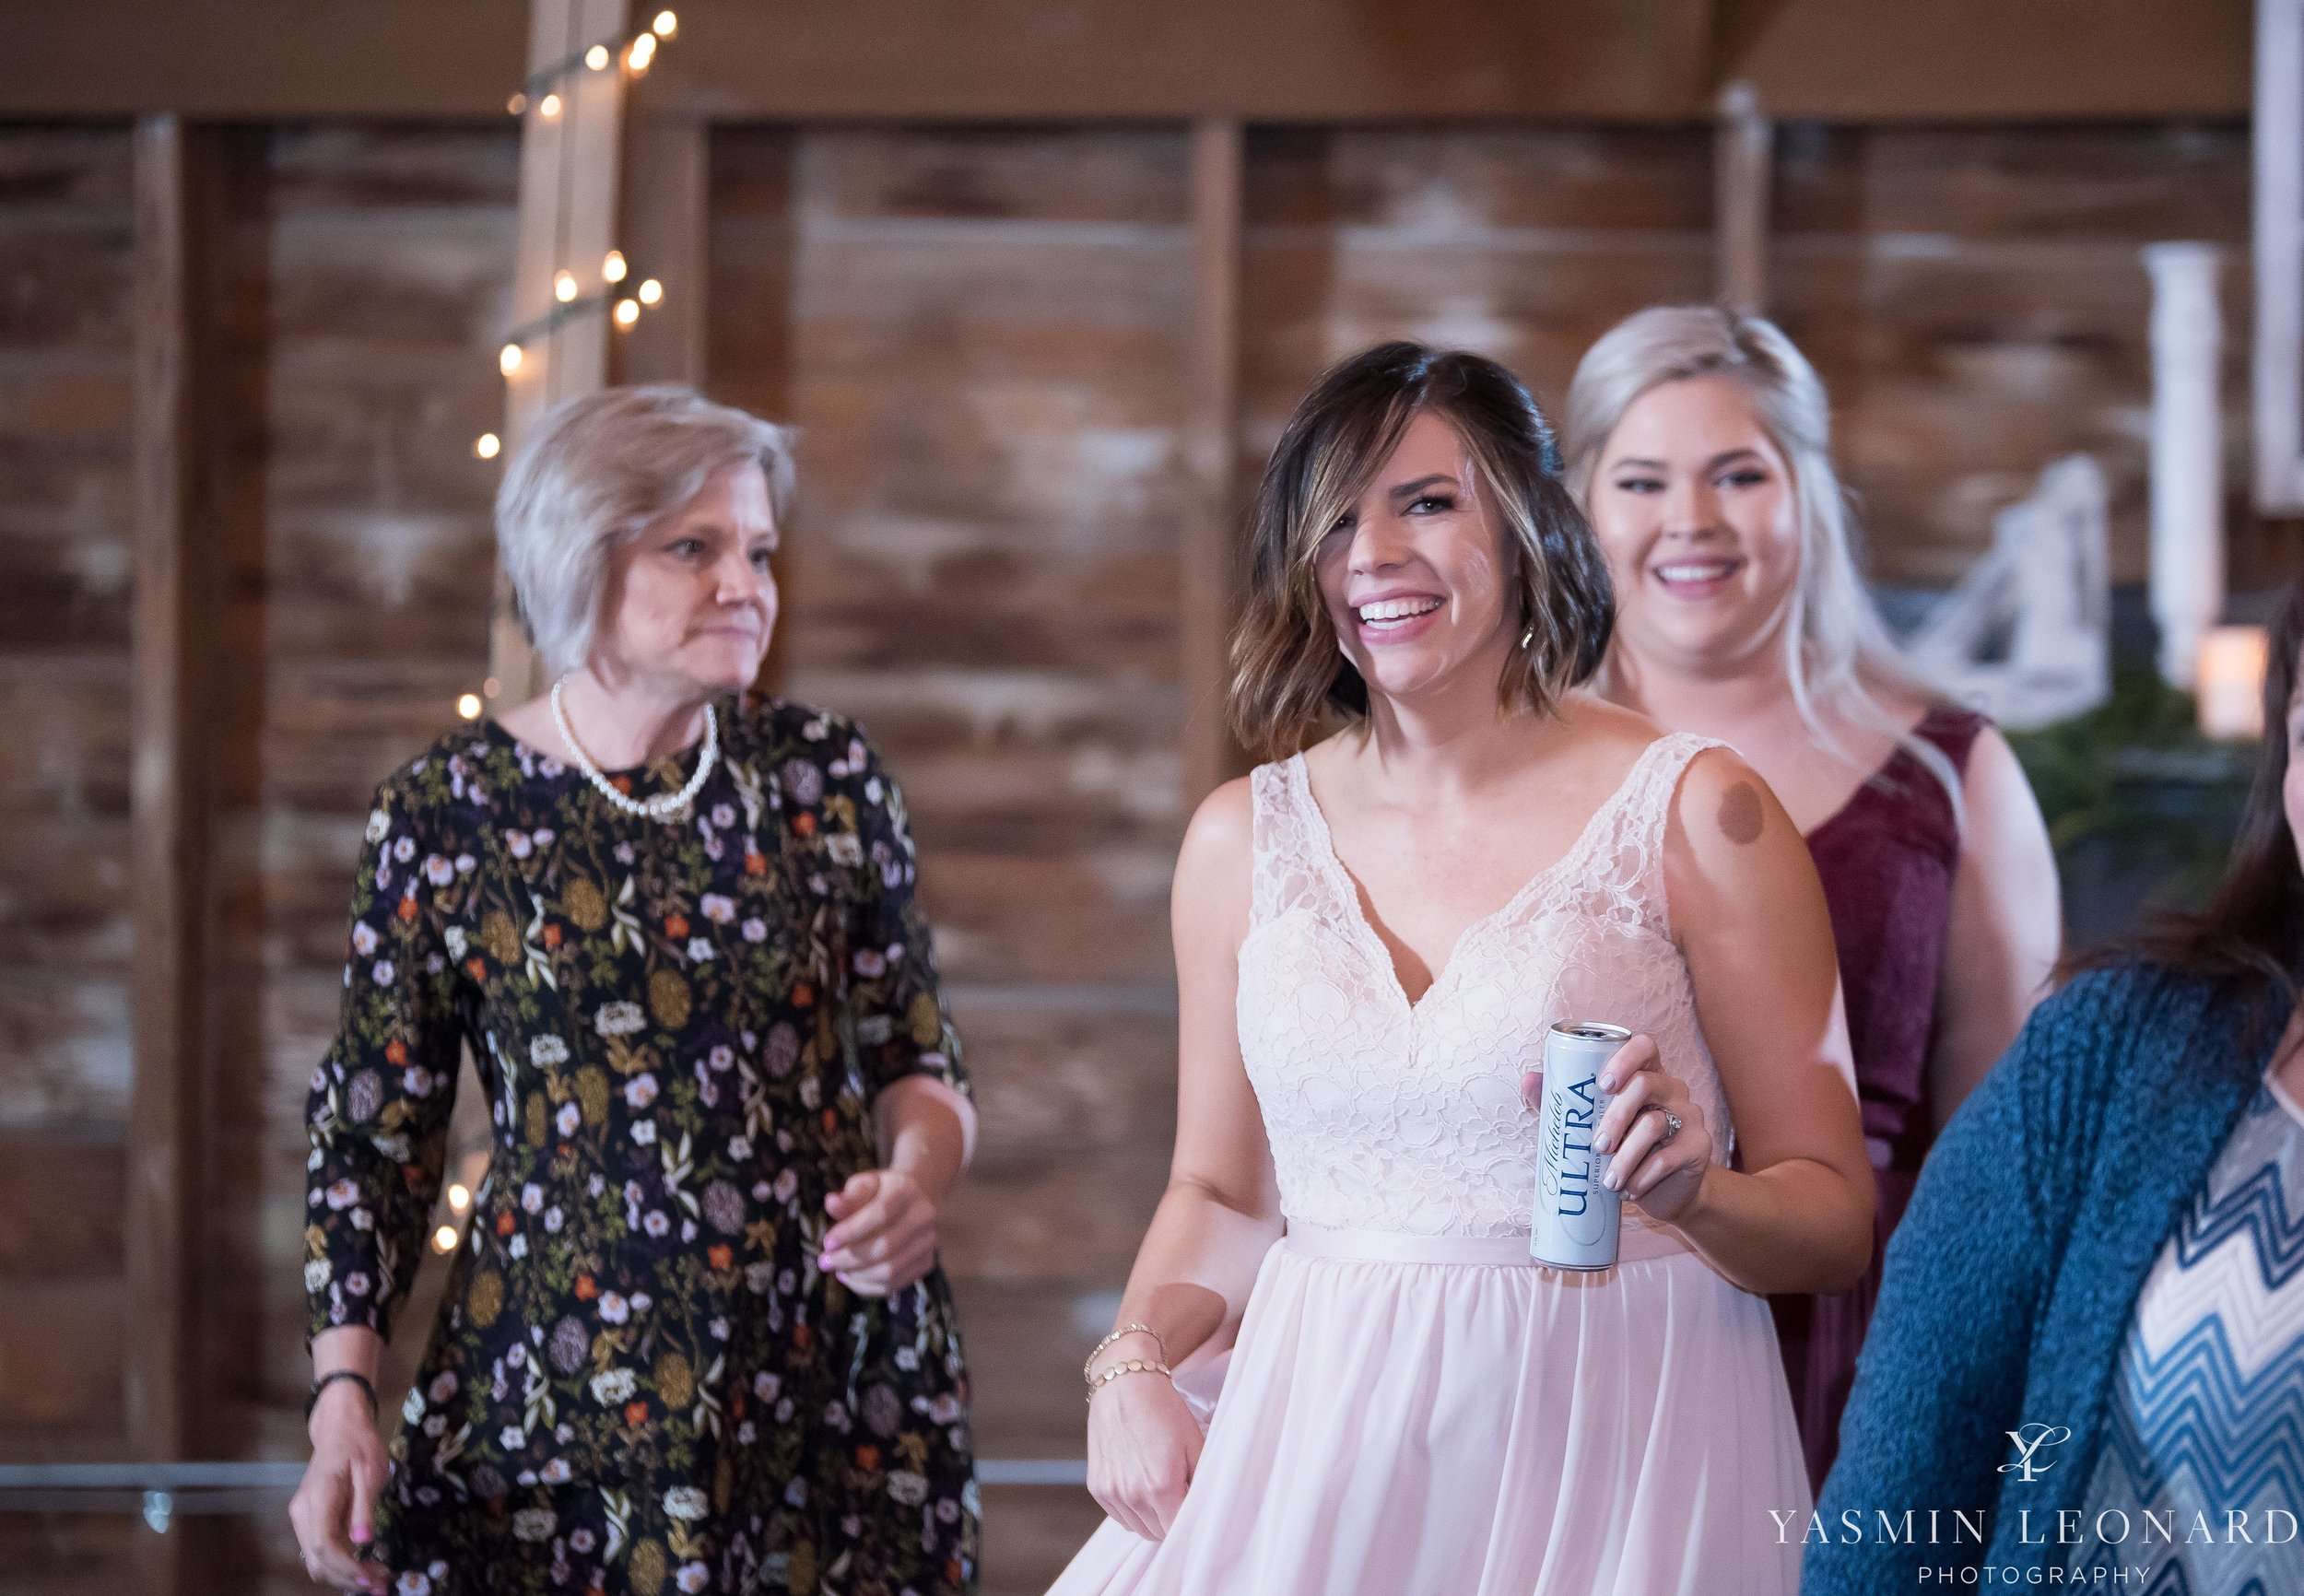 Millikan Farms - Millikan Farms Wedding - Sophia NC Wedding - NC Wedding - NC Wedding Photographer - Yasmin Leonard Photography - High Point Photographer - Barn Wedding - Wedding Venues in NC - Triad Wedding Photographer-79.jpg